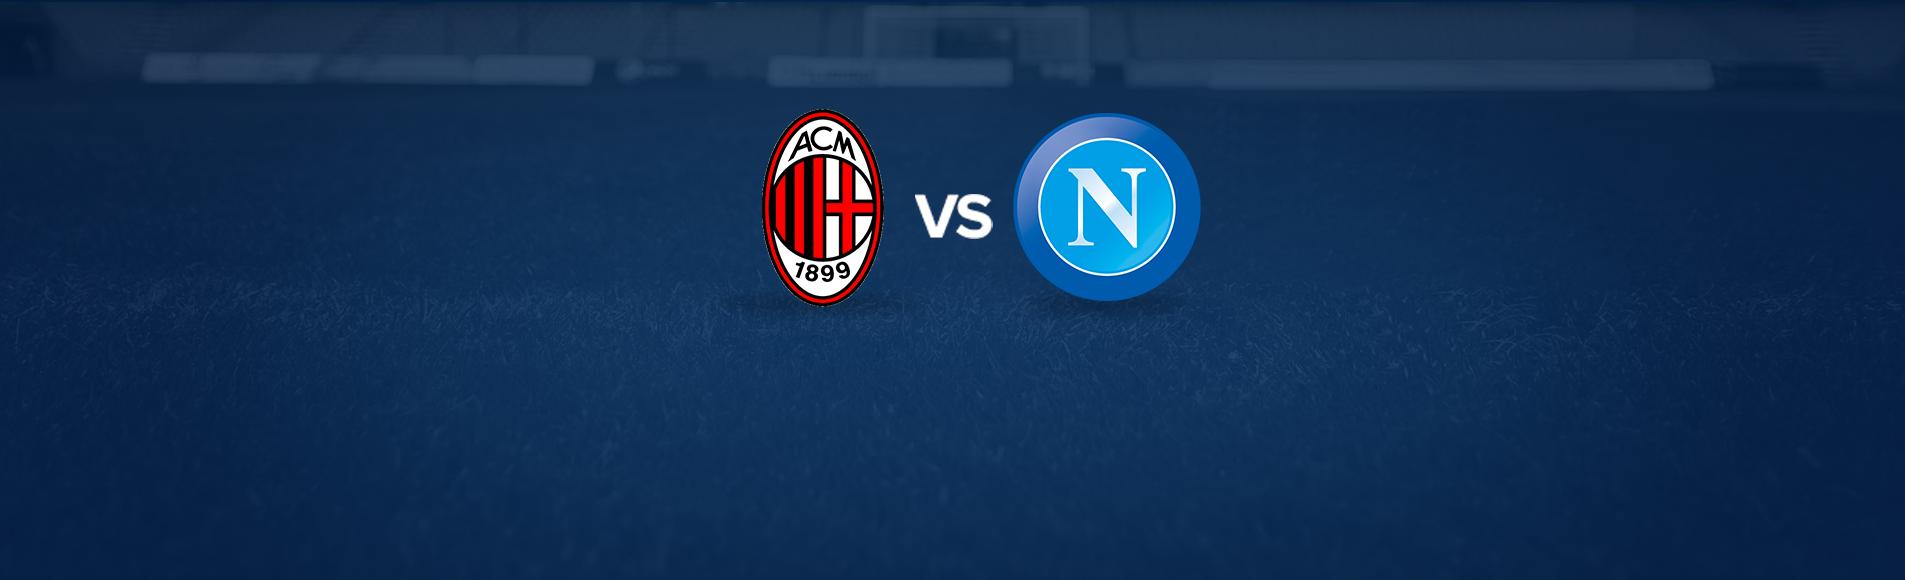 Milan-Napoli: dove vedere la partita in tv e diretta streaming - NAPOLI CALCIO